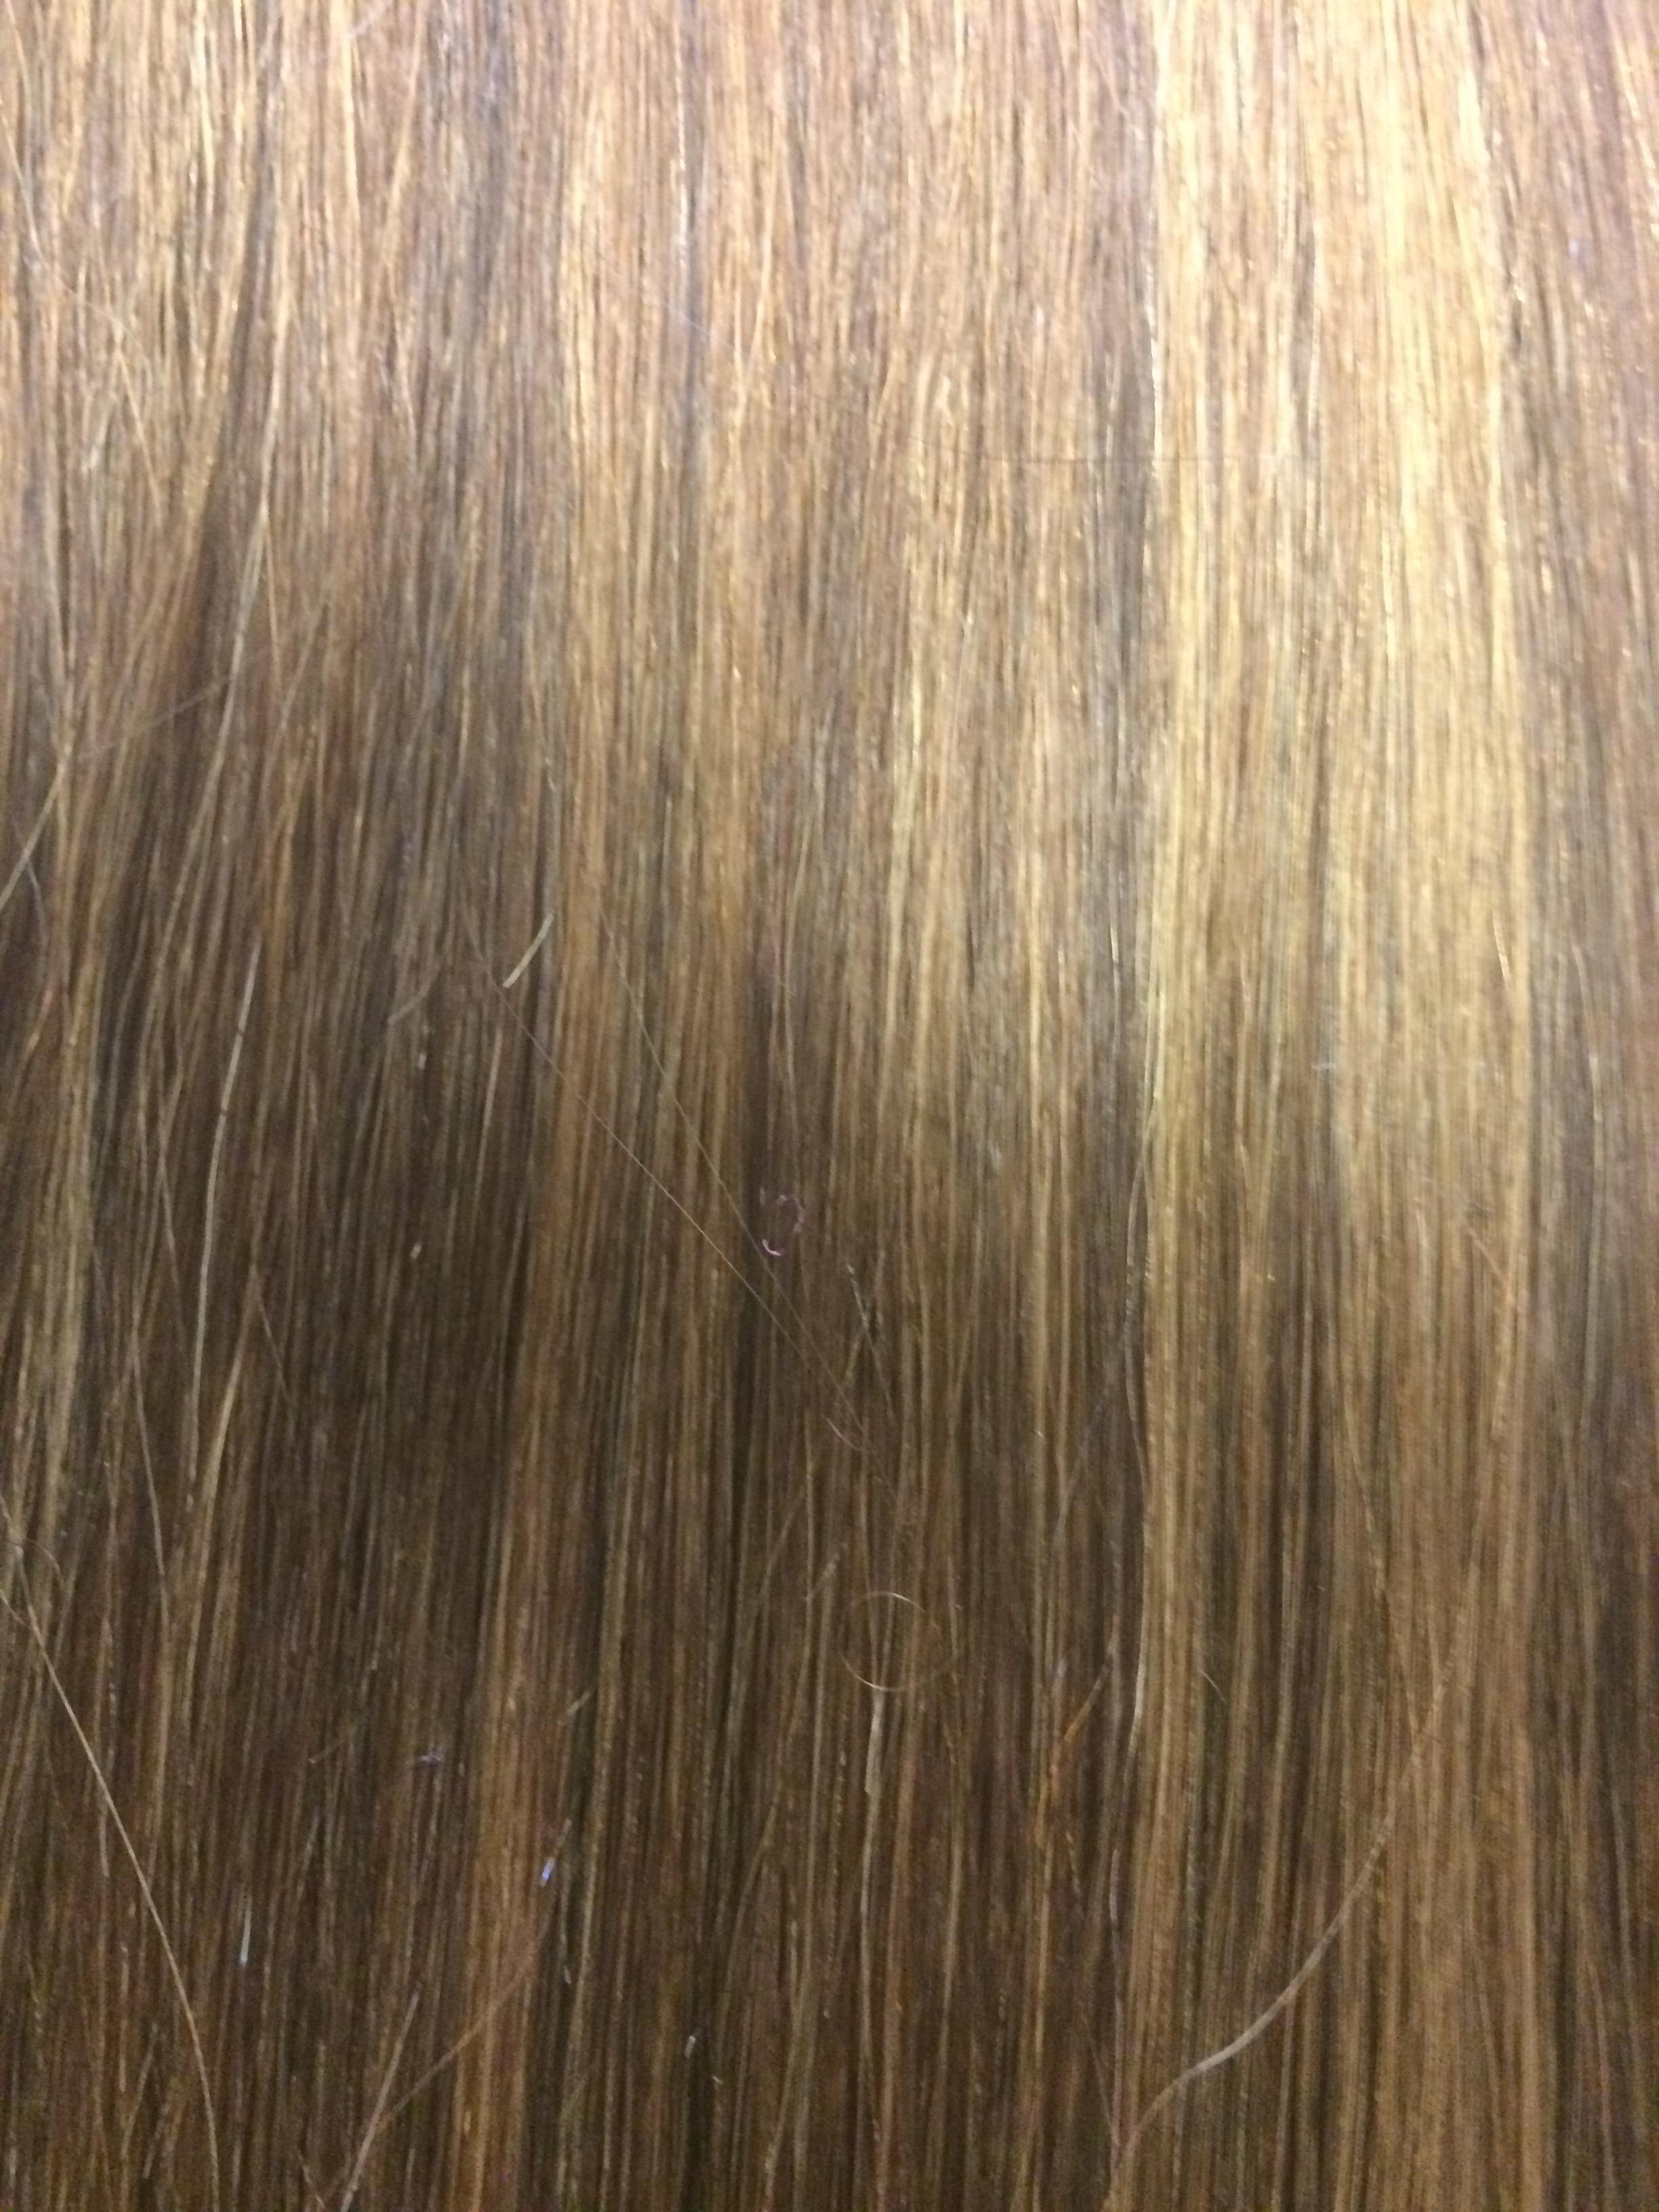 Ew Premium Now Hair Extensions 14 18 Ei Hair Extensions